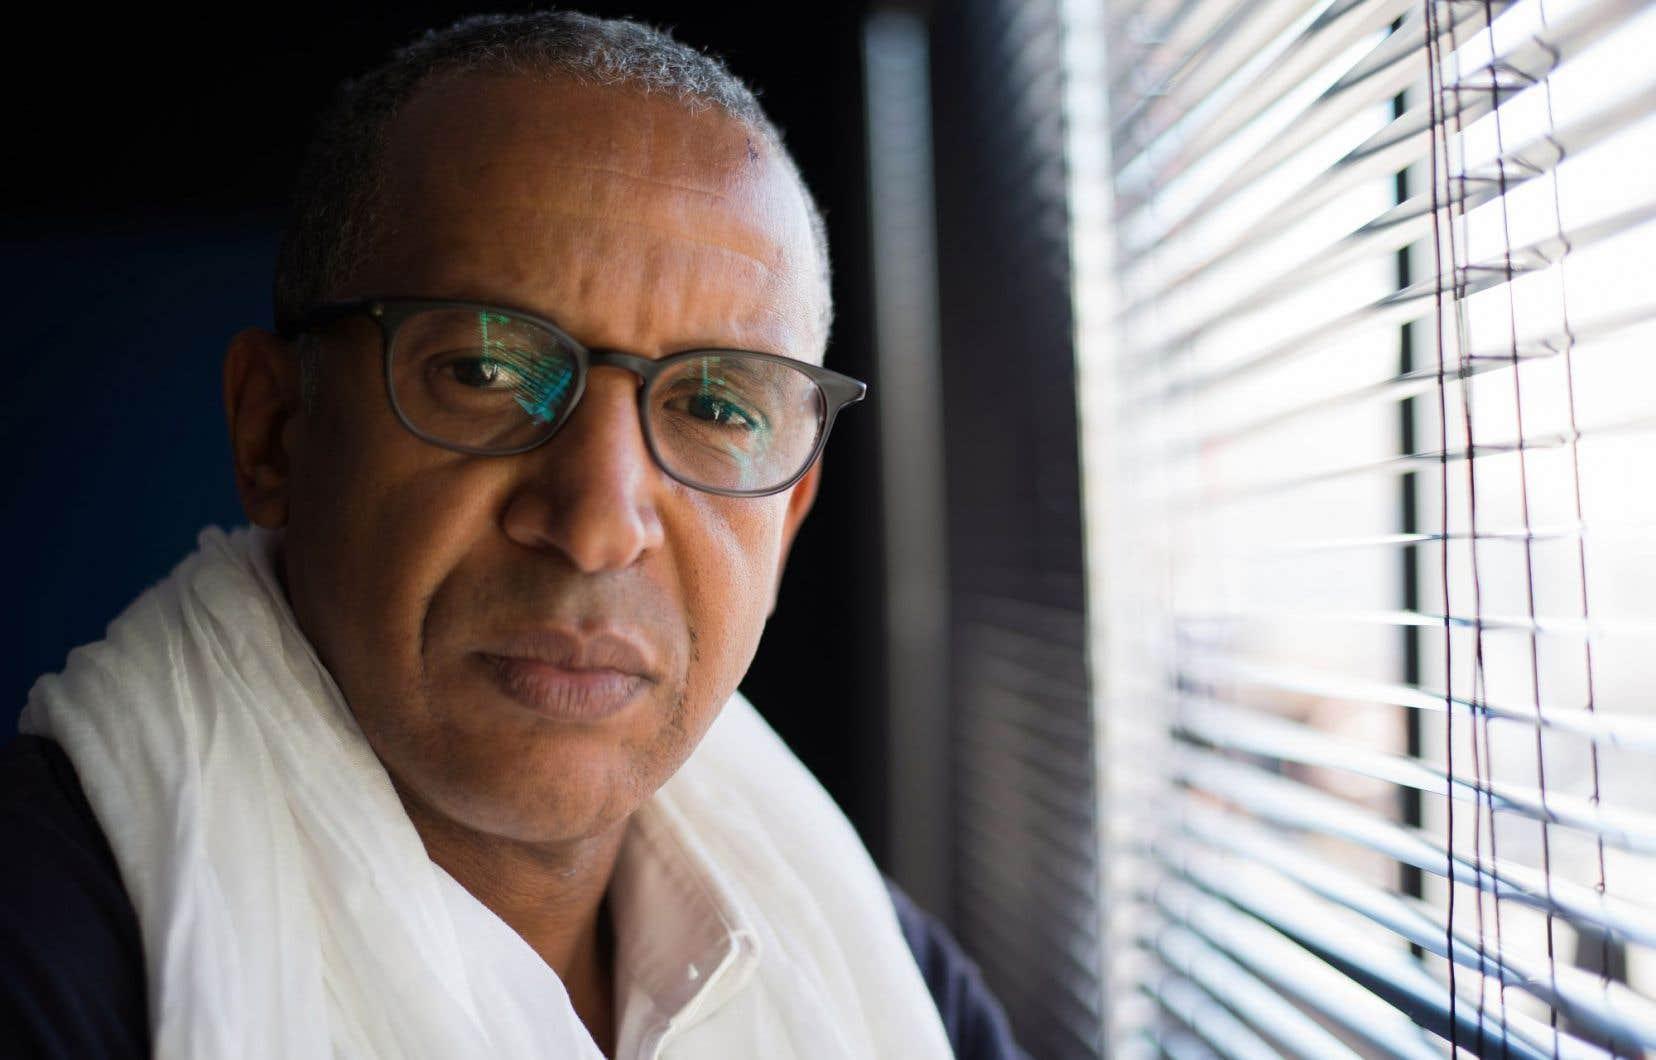 Le réalisateur mauritanien Abderrahmane Sissako a toujours été en proie à de multiples embûches pour financer et pour tourner ses films.